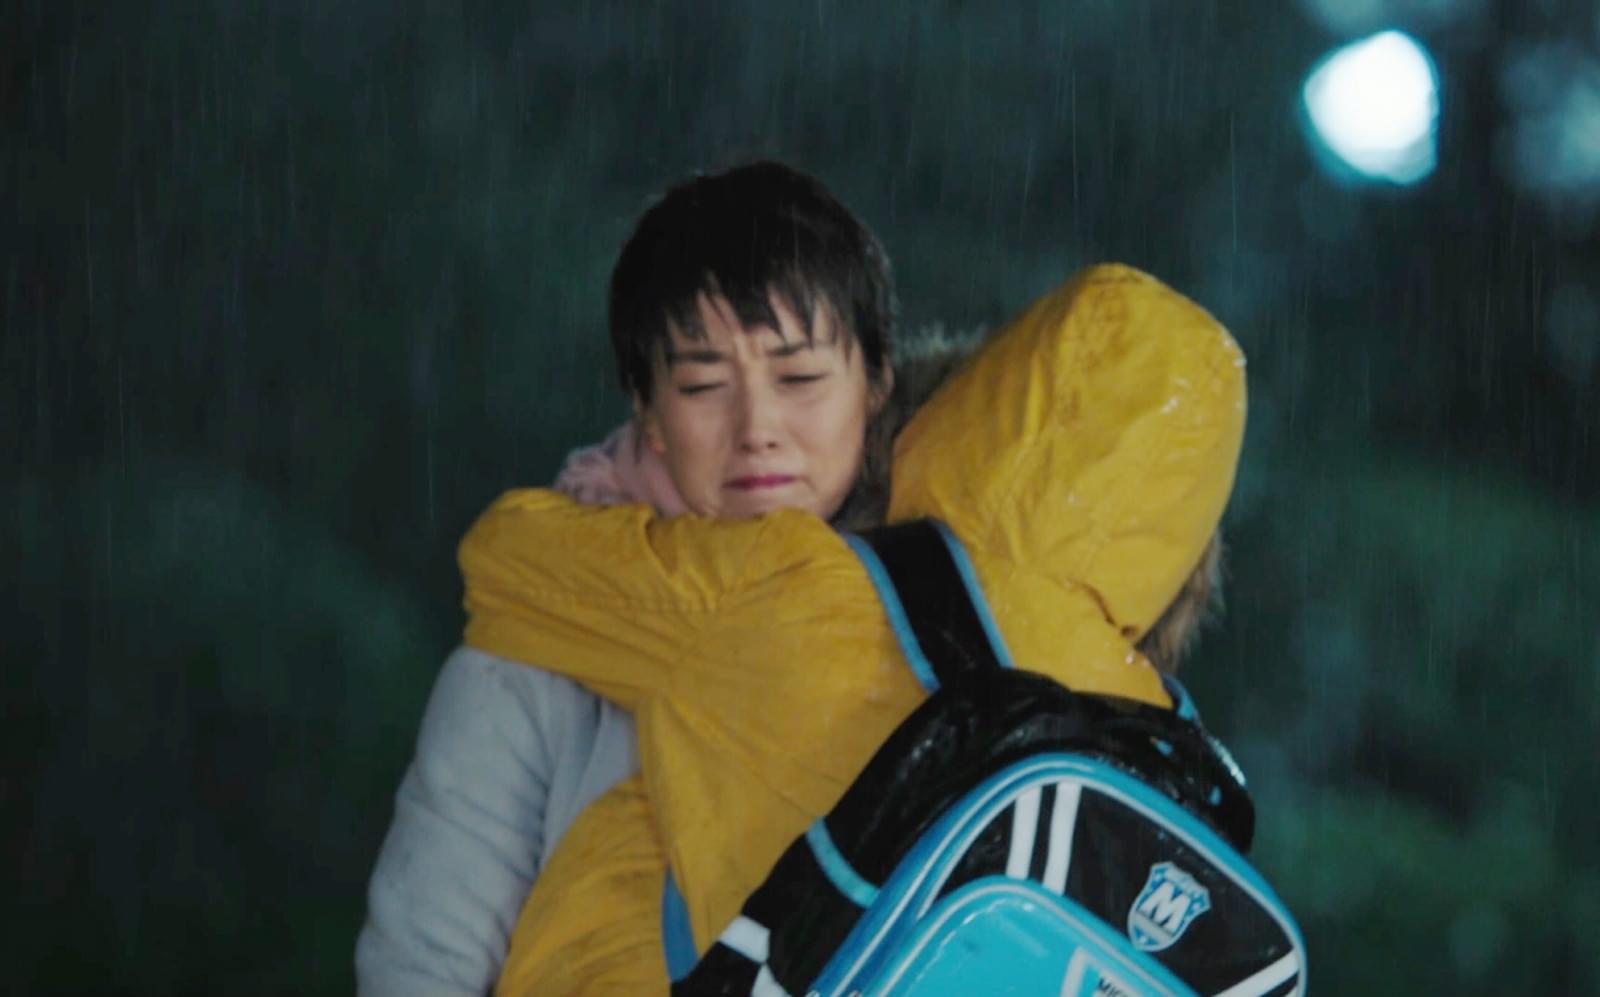 马伊琍《前半生》雨戏抱子狂奔超虐心 网友泪目